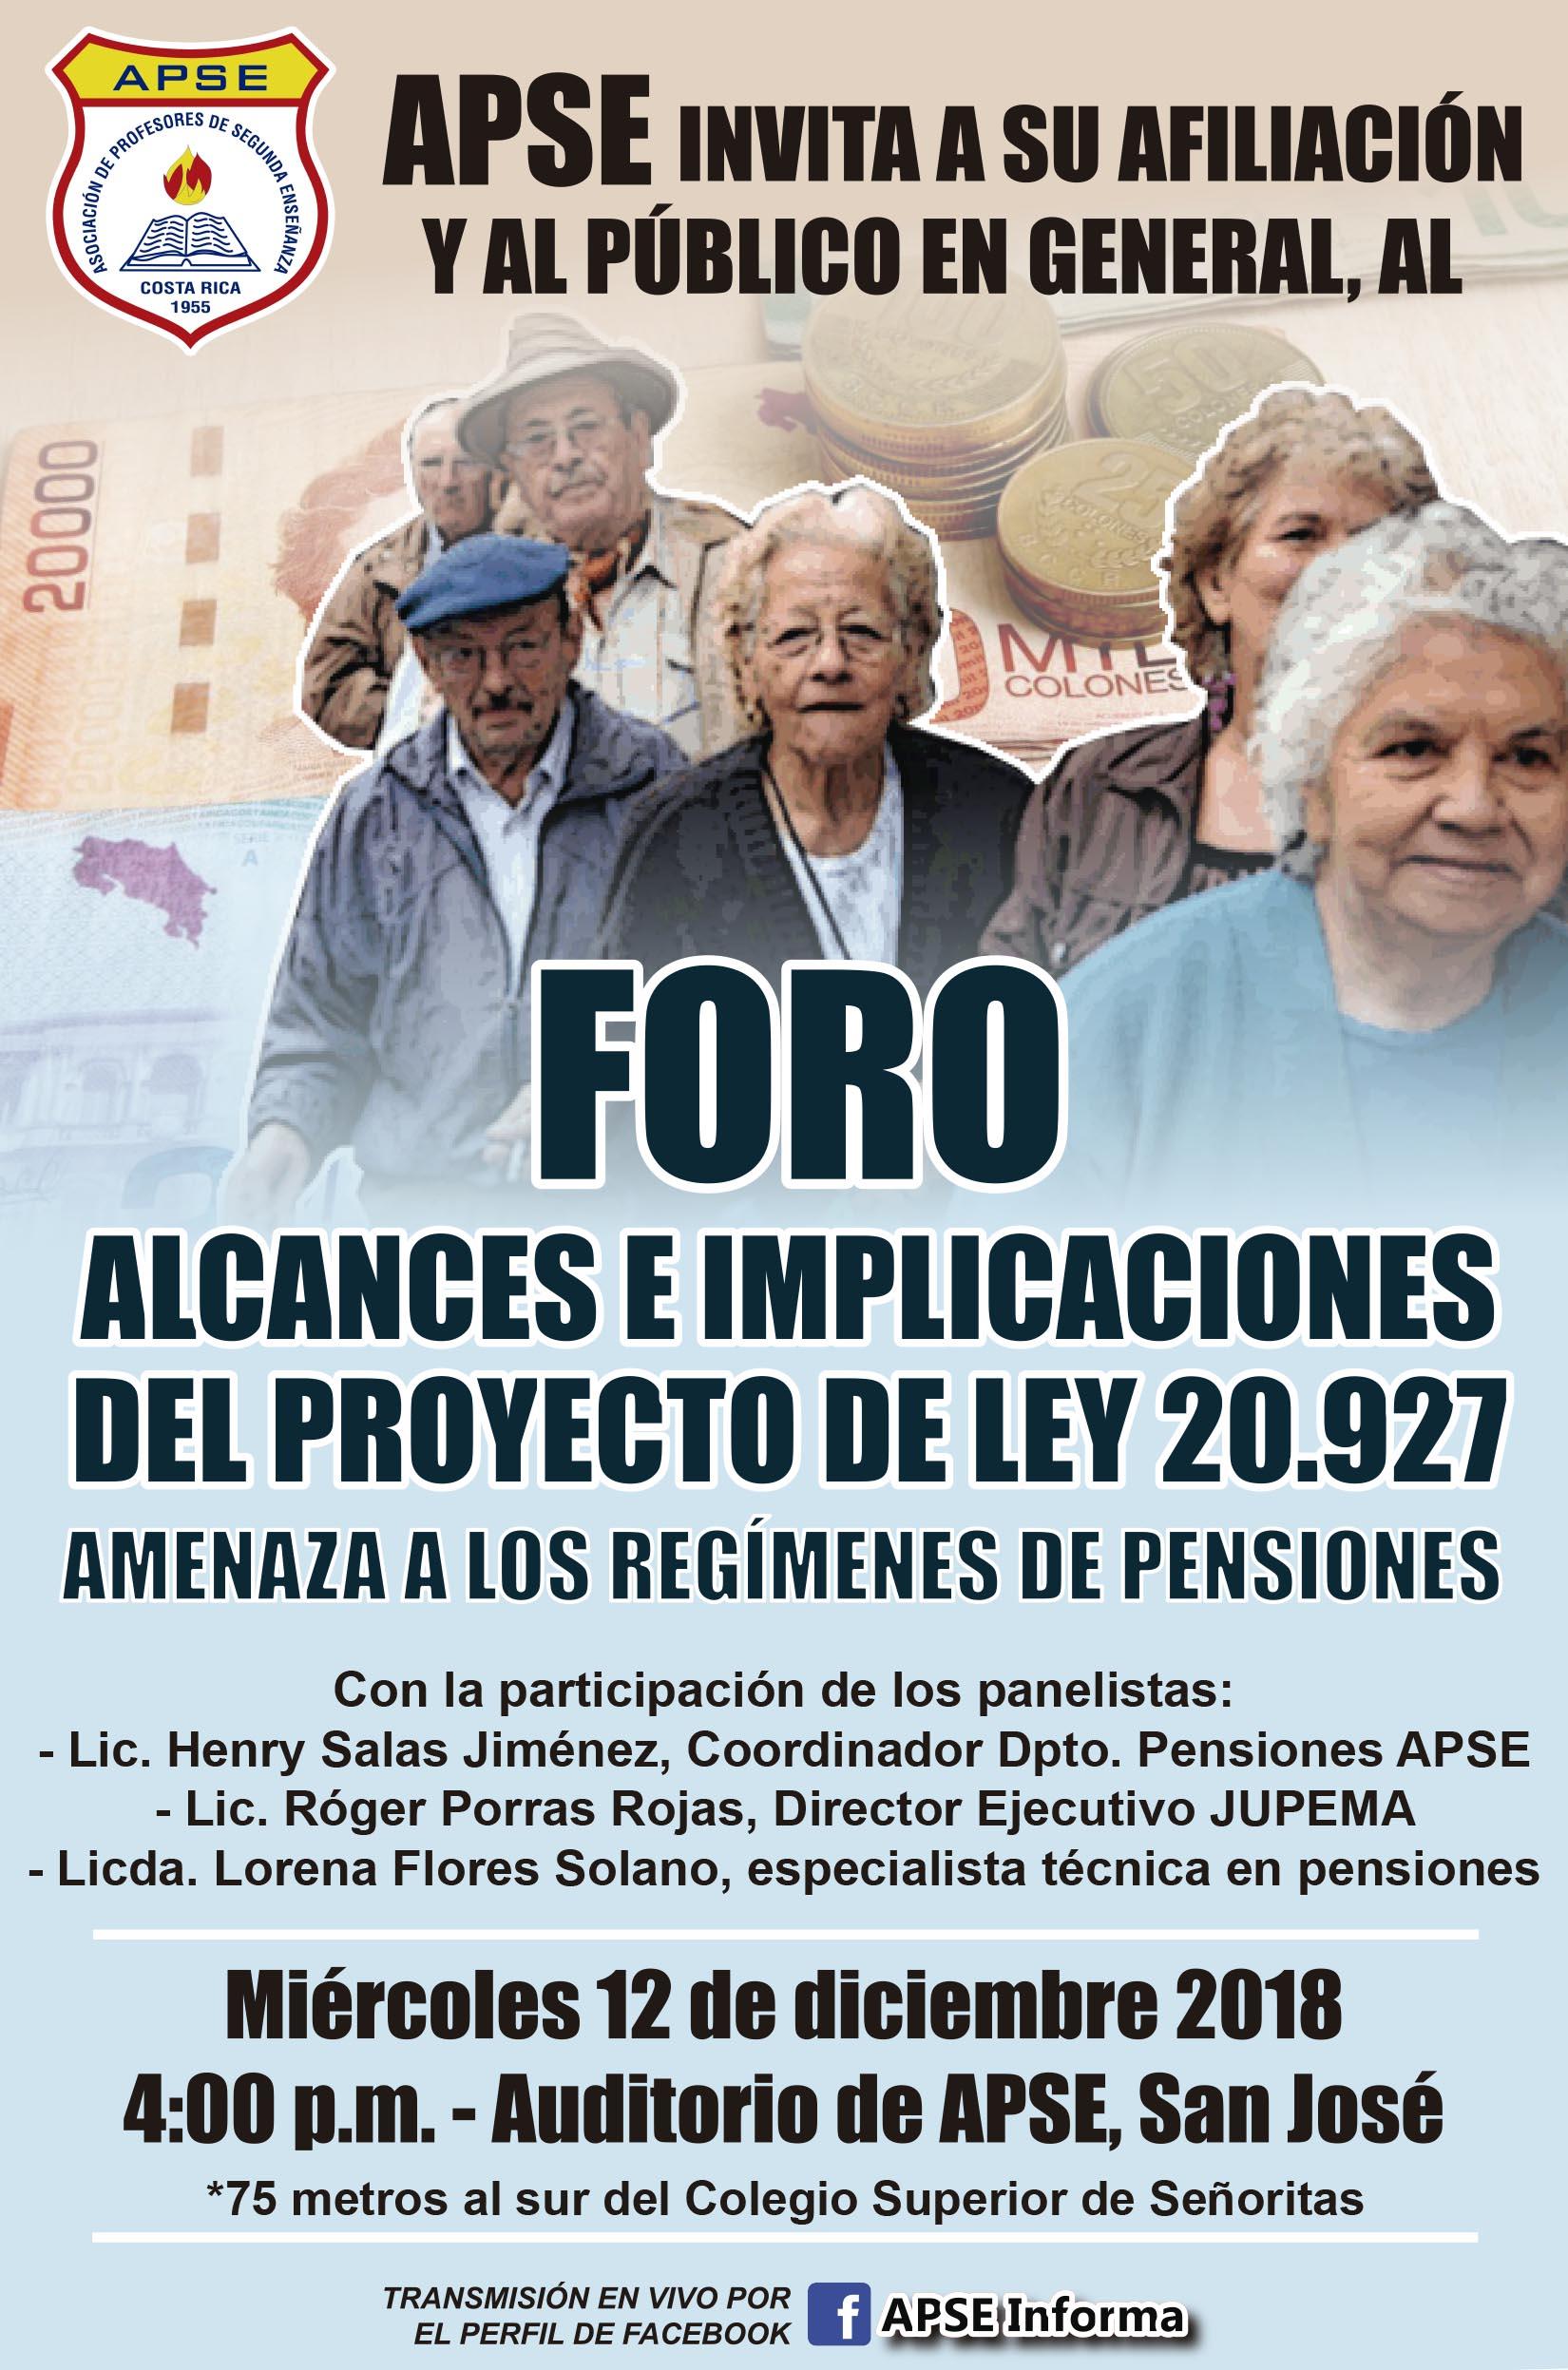 INVITACIÓN AL FORO: ALCANCES E IMPLICACIONES DEL PROYECTO DE LEY 20.927